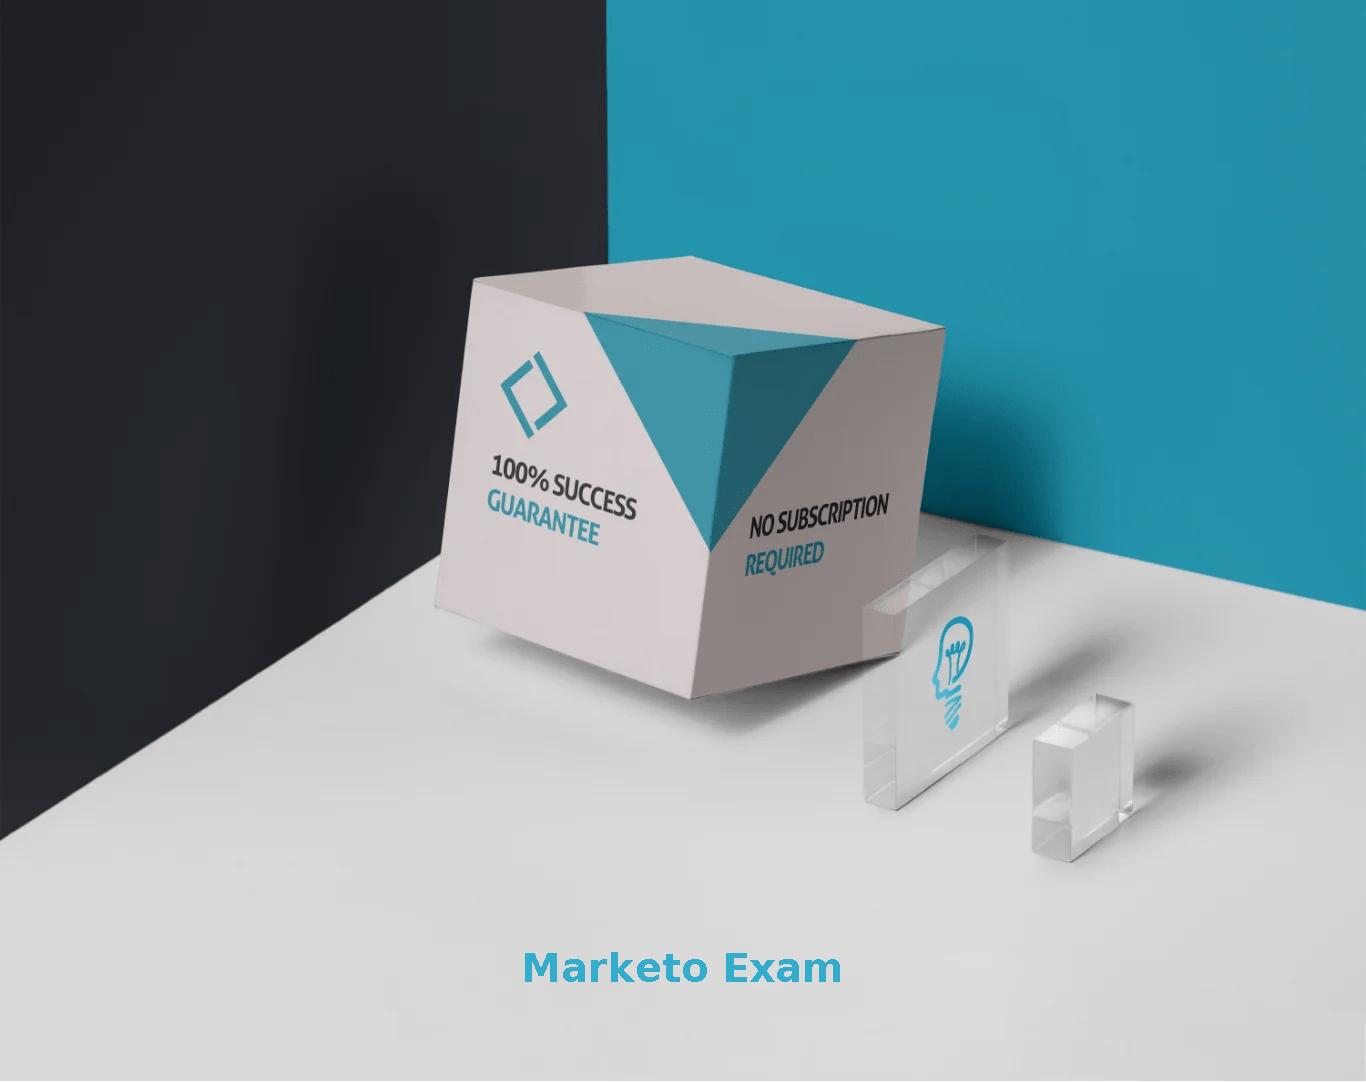 Marketo Exam Dumps